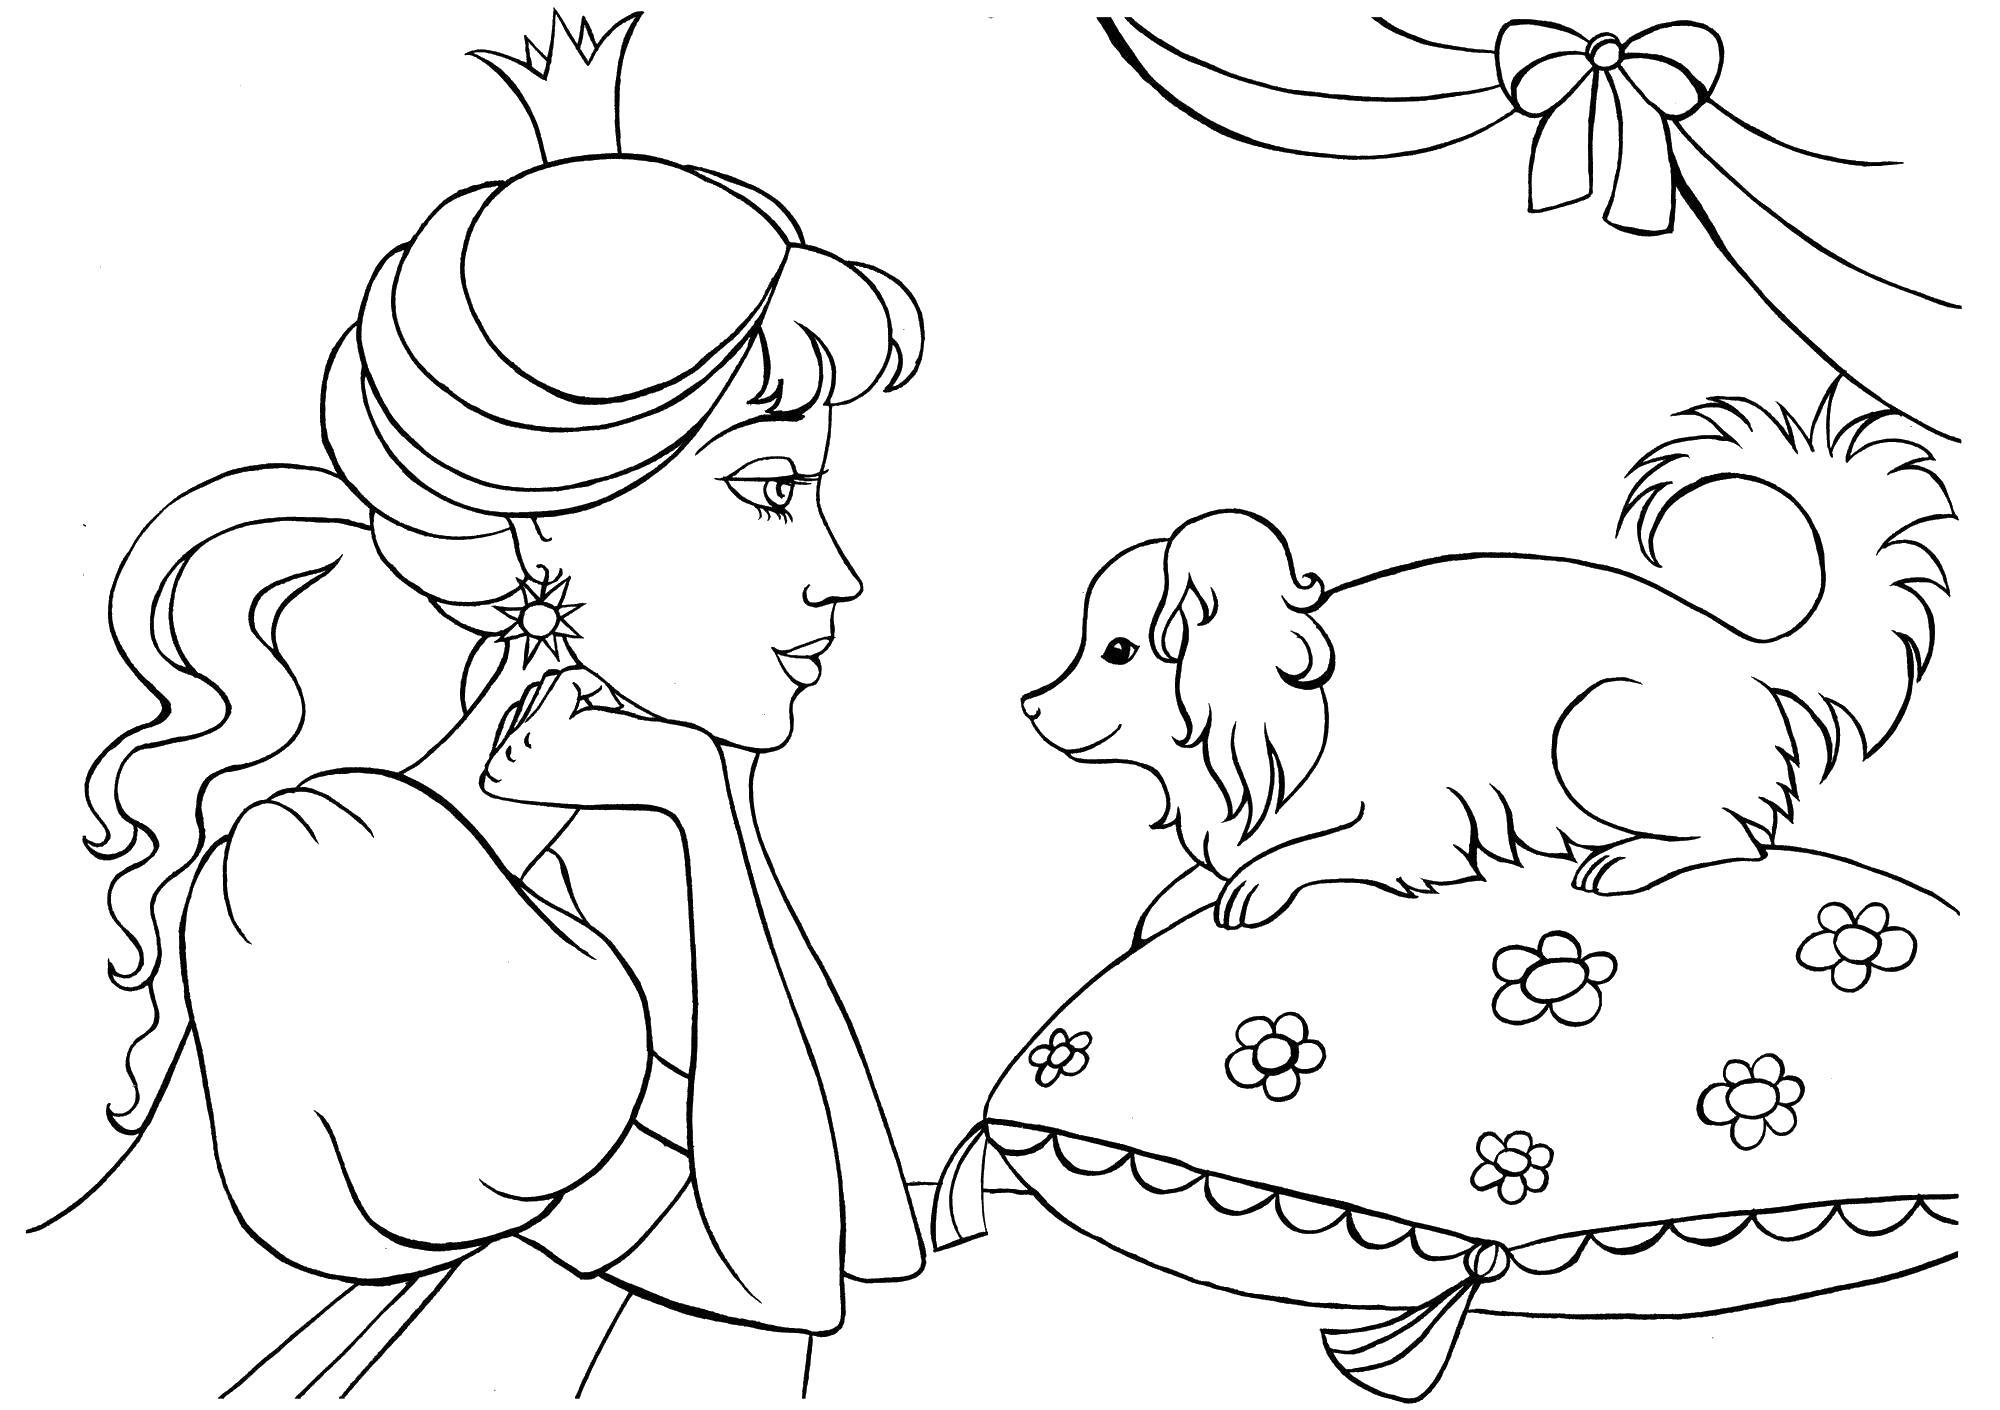 картинки раскраски для девочек 8 лет